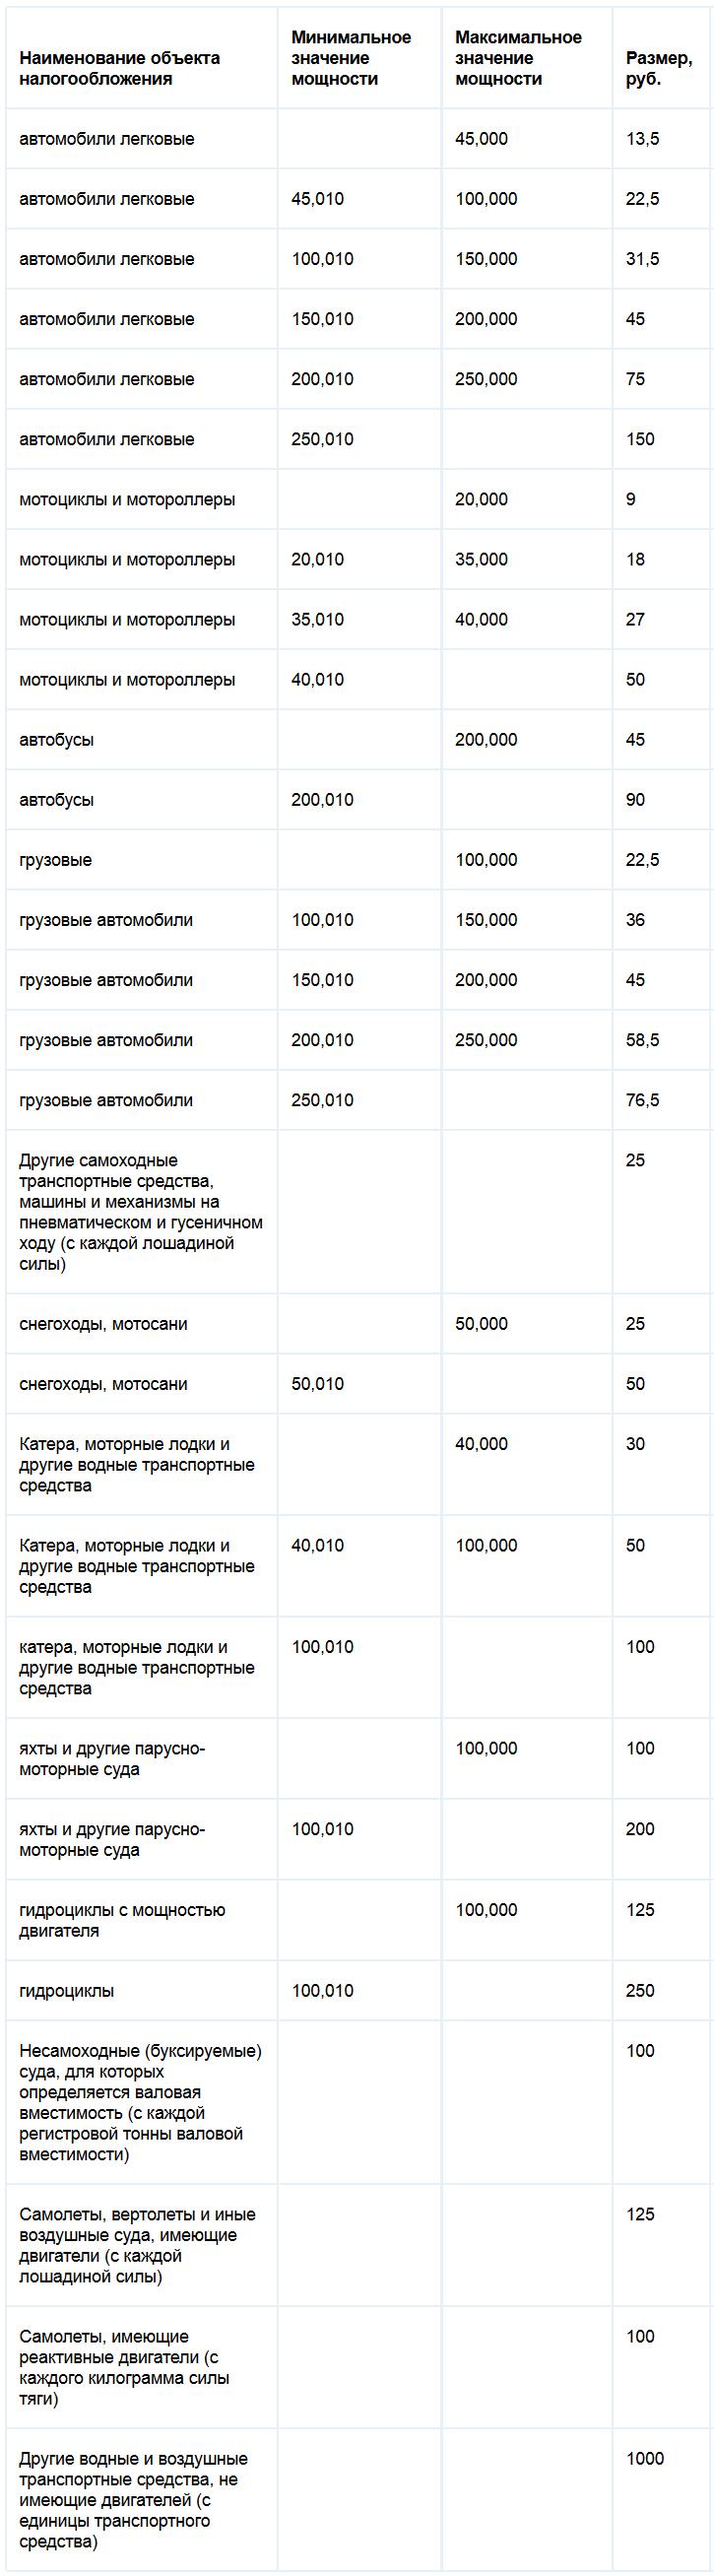 Ставки налог на транспорт в нижегородской области спорт - форум на ставки